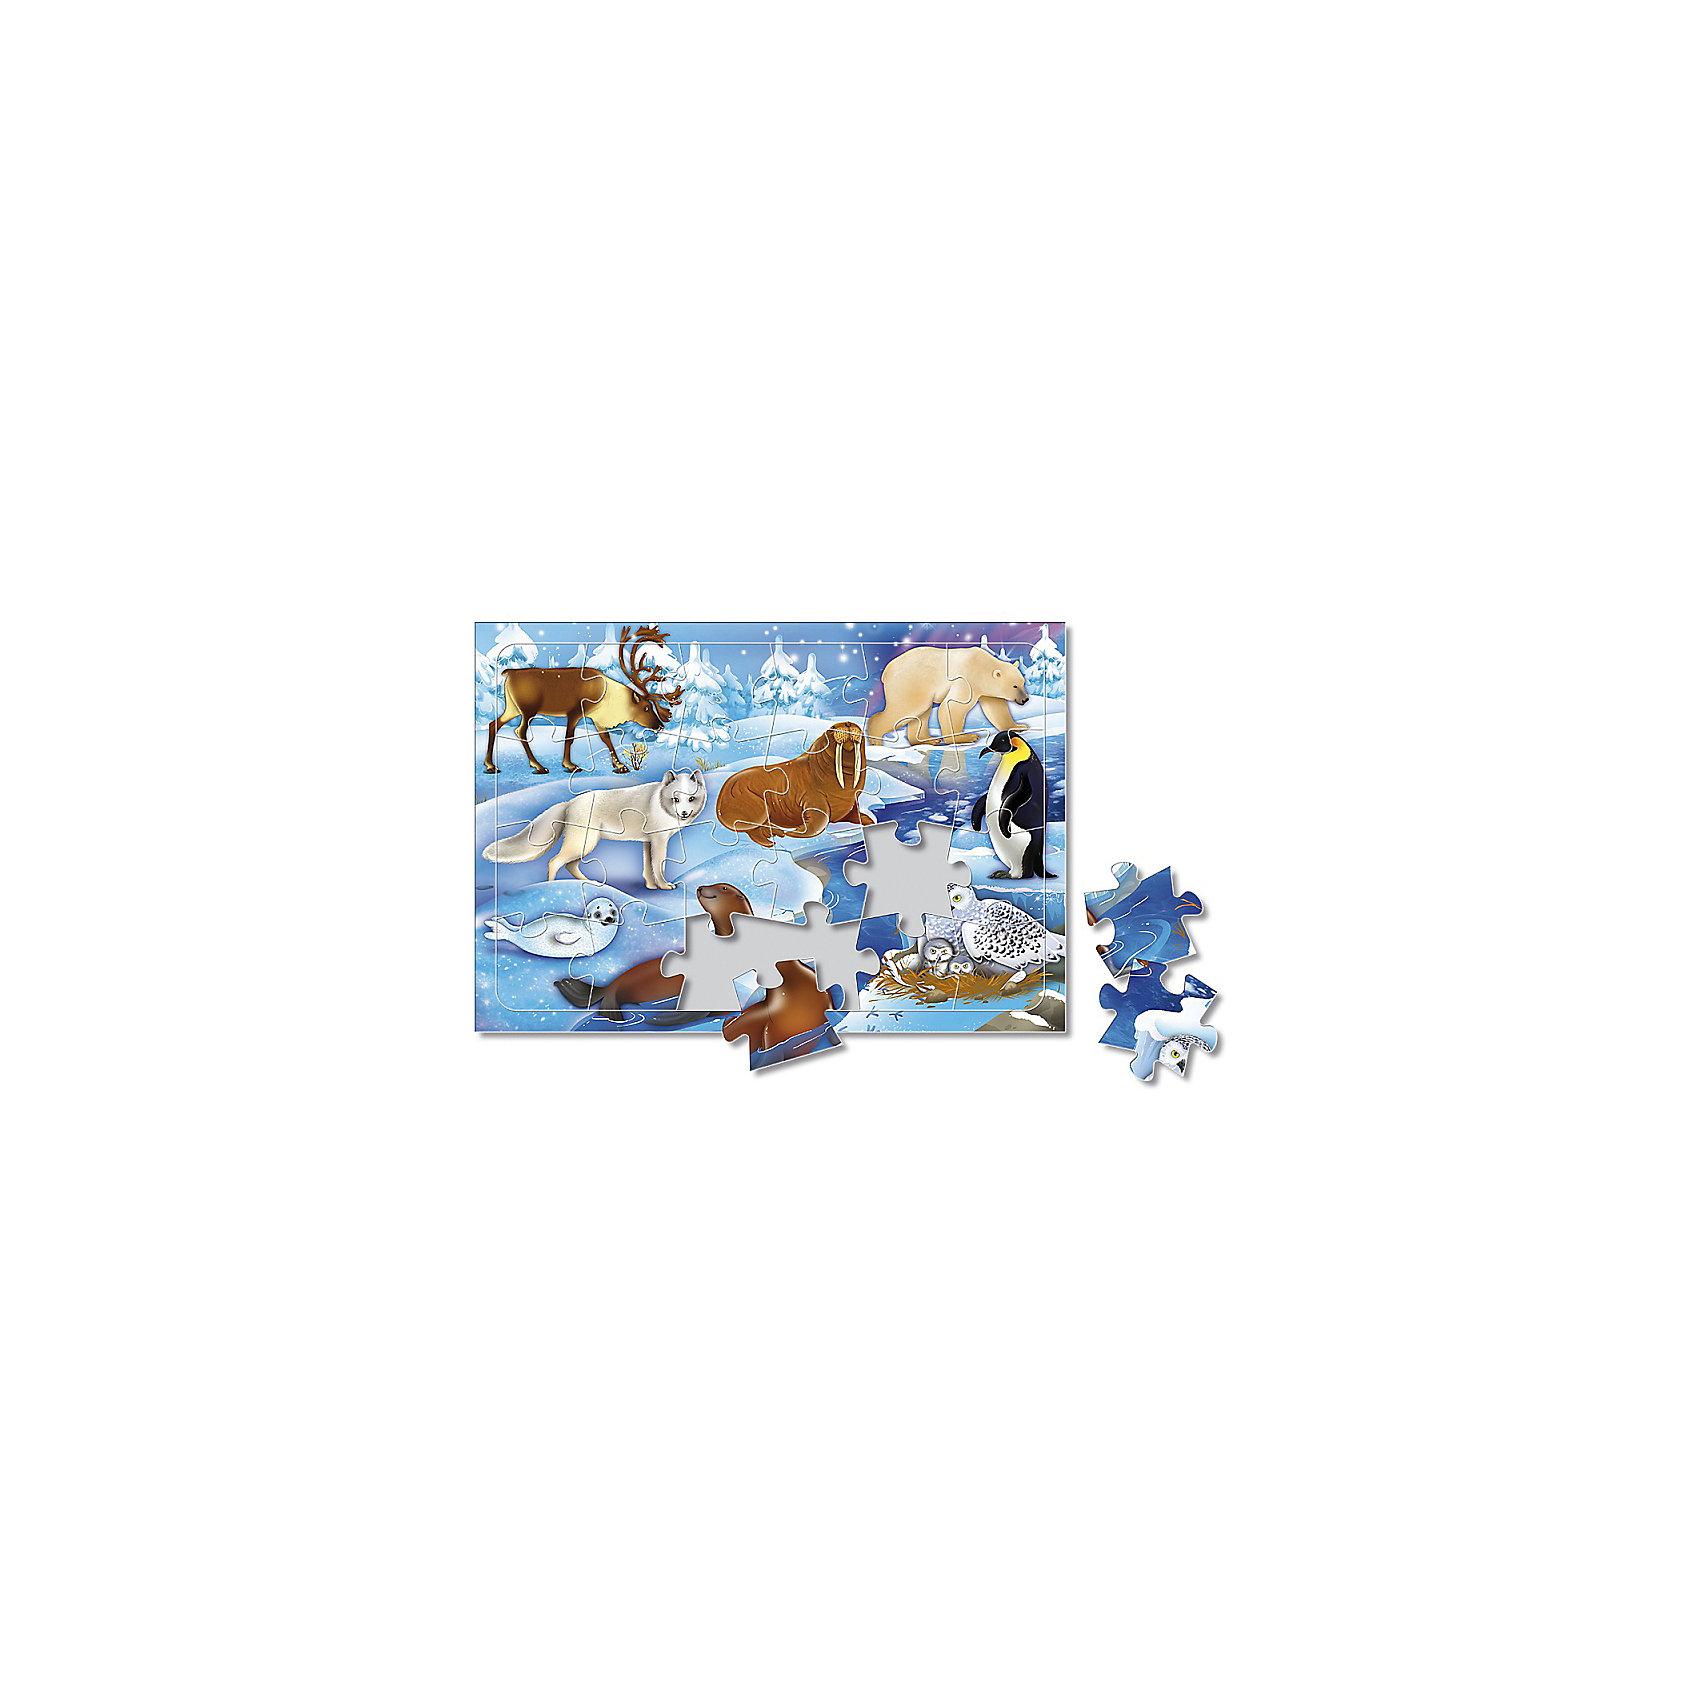 Пазл листовой на подложке В снегах, 24 деталиПазлы для малышей<br>Характеристики товара:<br><br>• возраст от 3 лет;<br>• материал: картон;<br>• в комплекте: 24 детали;<br>• размер пазла 20х28 см;<br>• размер упаковки 29х20х5 см;<br>• страна производитель: Россия.<br><br>Пазл листовой на подложке «В снегах» ГеоДом познакомит малышей с животными Северного полюса. Это не только увлекательное, но и познавательное занятие. В процессе сборки пазла у малышей развивается пространственное мышление, моторика рук, внимательность.<br><br>Пазл листовой на подложке «В снегах» ГеоДом можно приобрести в нашем интернет-магазине.<br><br>Ширина мм: 290<br>Глубина мм: 200<br>Высота мм: 50<br>Вес г: 132<br>Возраст от месяцев: 36<br>Возраст до месяцев: 2147483647<br>Пол: Унисекс<br>Возраст: Детский<br>SKU: 5518181